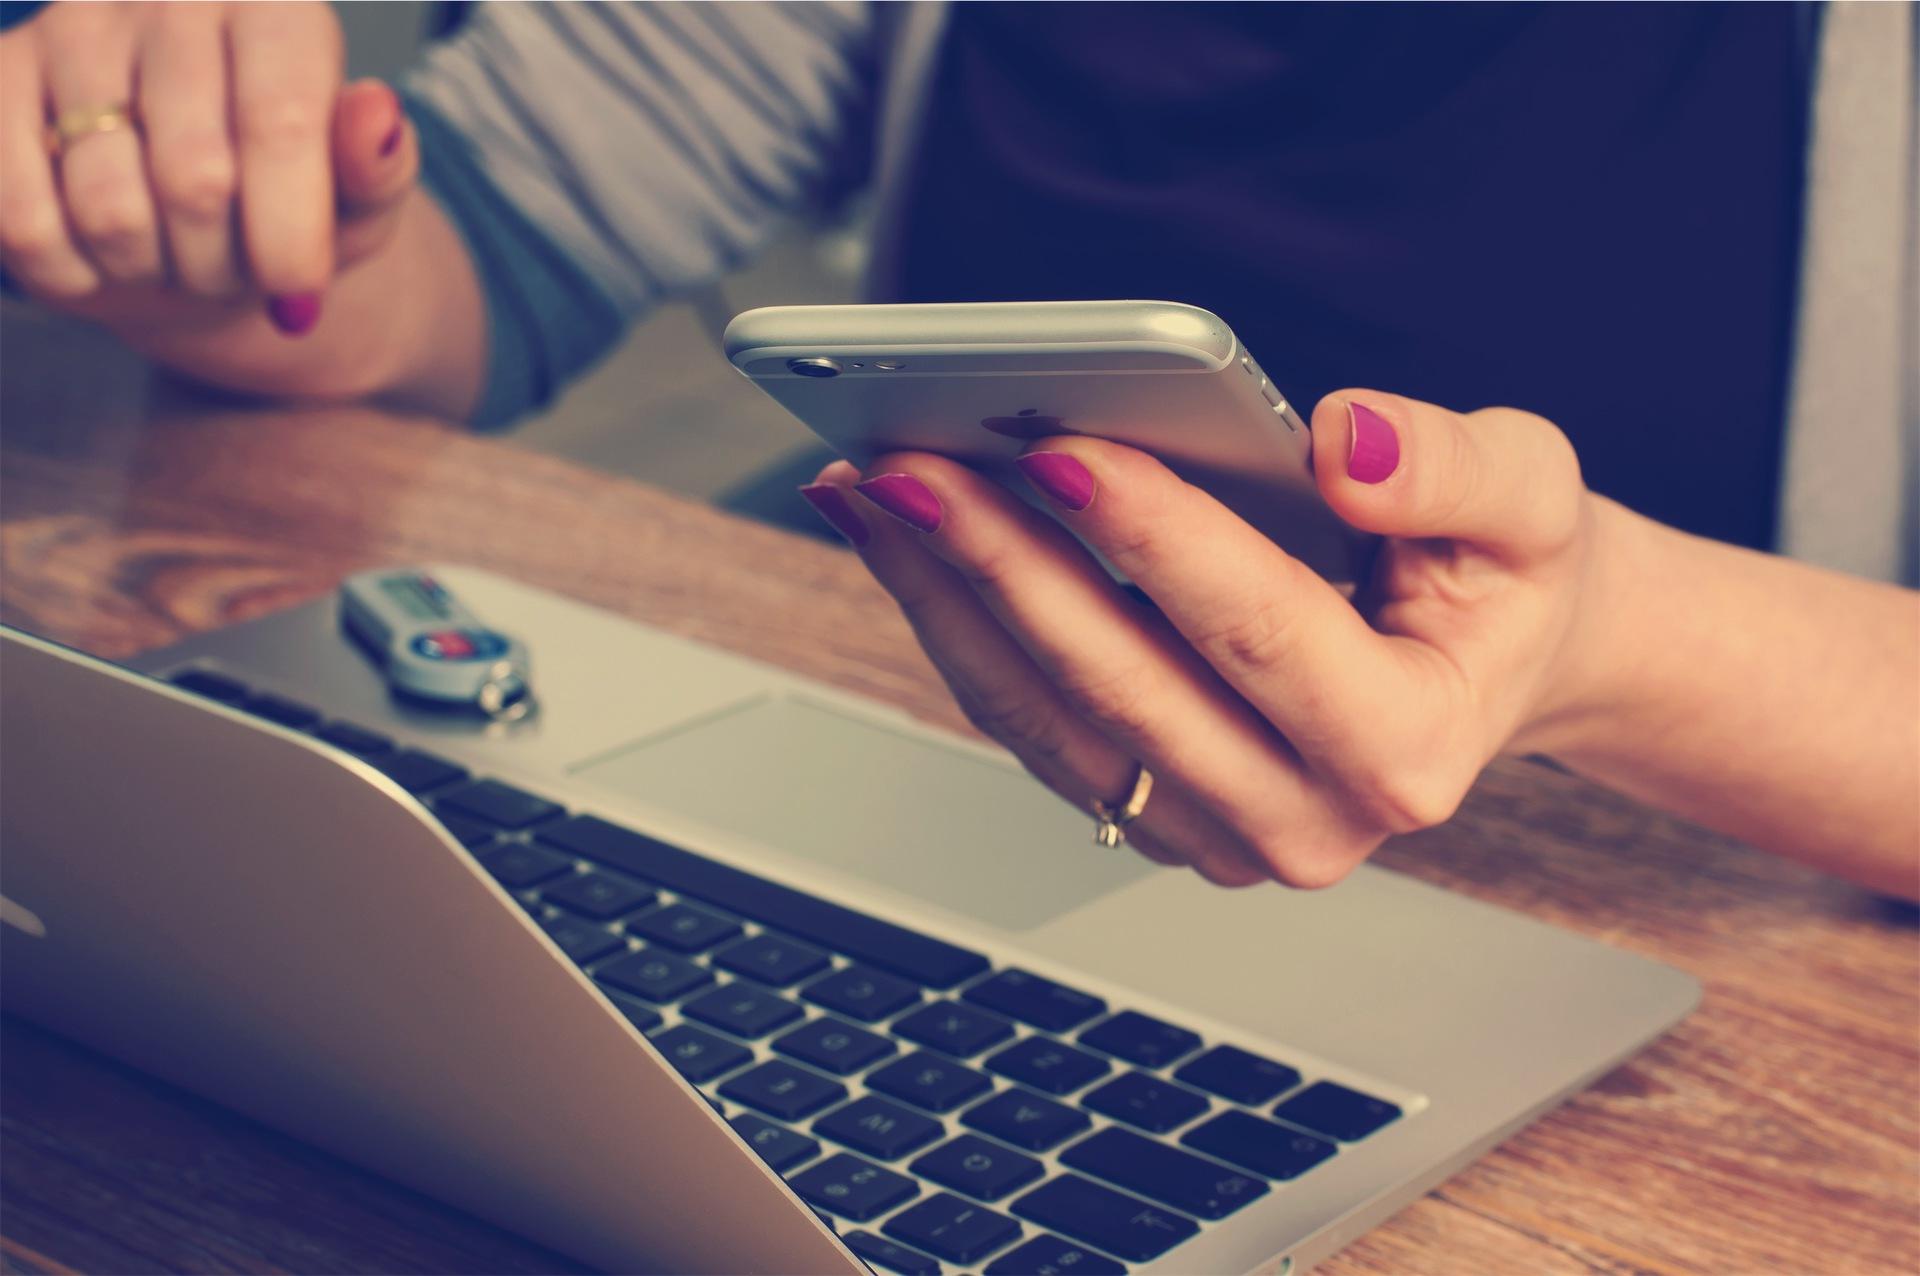 kobiety i technologie